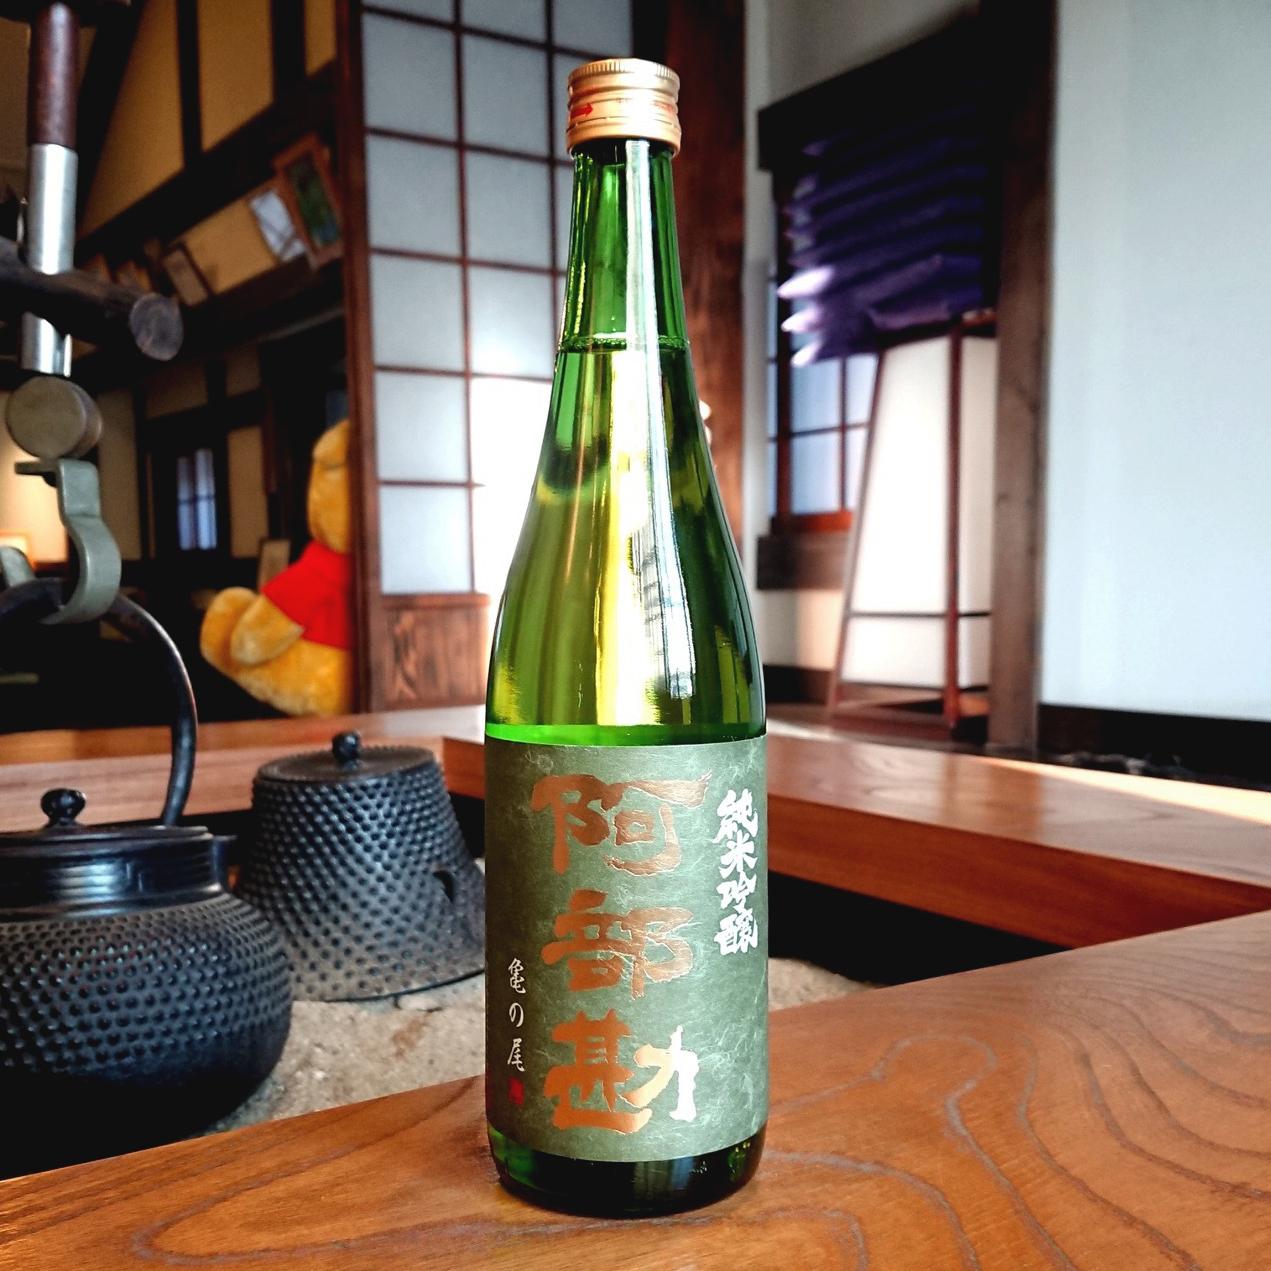 【特約店限定】阿部勘 純米吟醸亀の尾~この旨さはゆるがない。今年は数量が少ないお酒です~